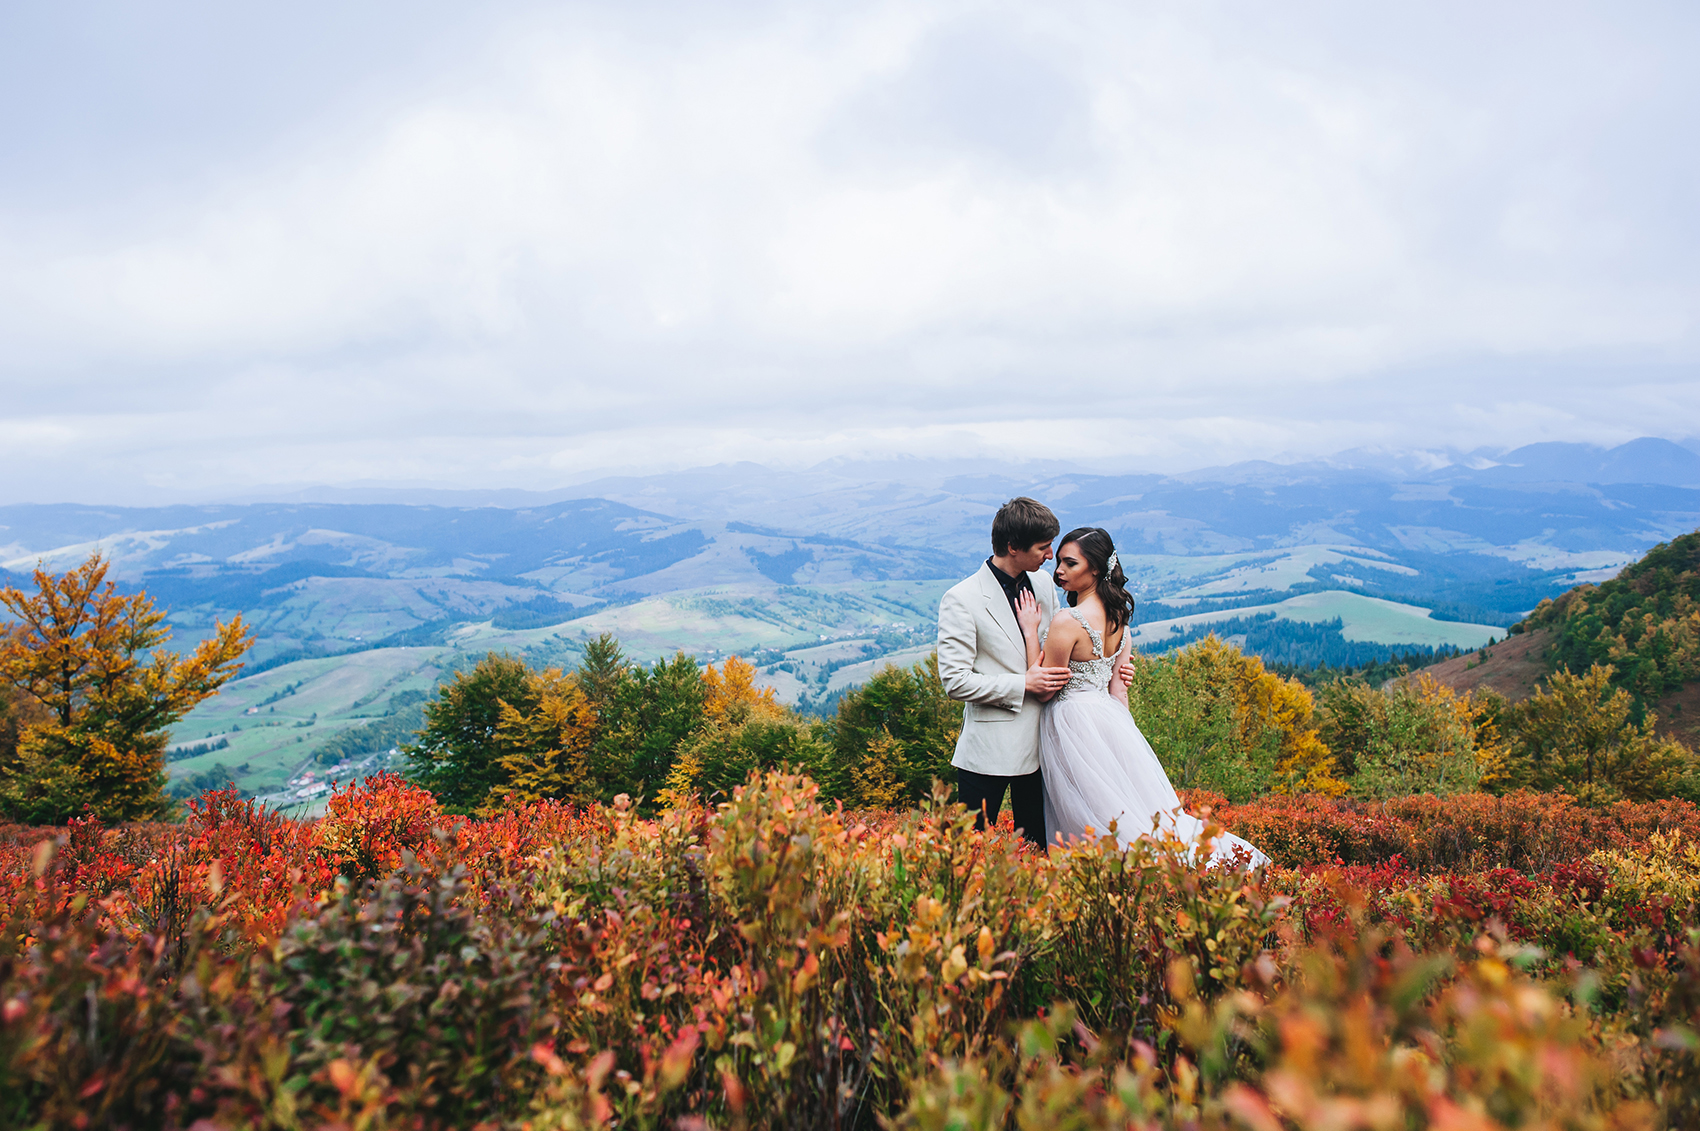 Hochzeits-Shooting-Alpen-1Berge-Chiemgau-Alm-Chiemsee-Rosenheim-Prien